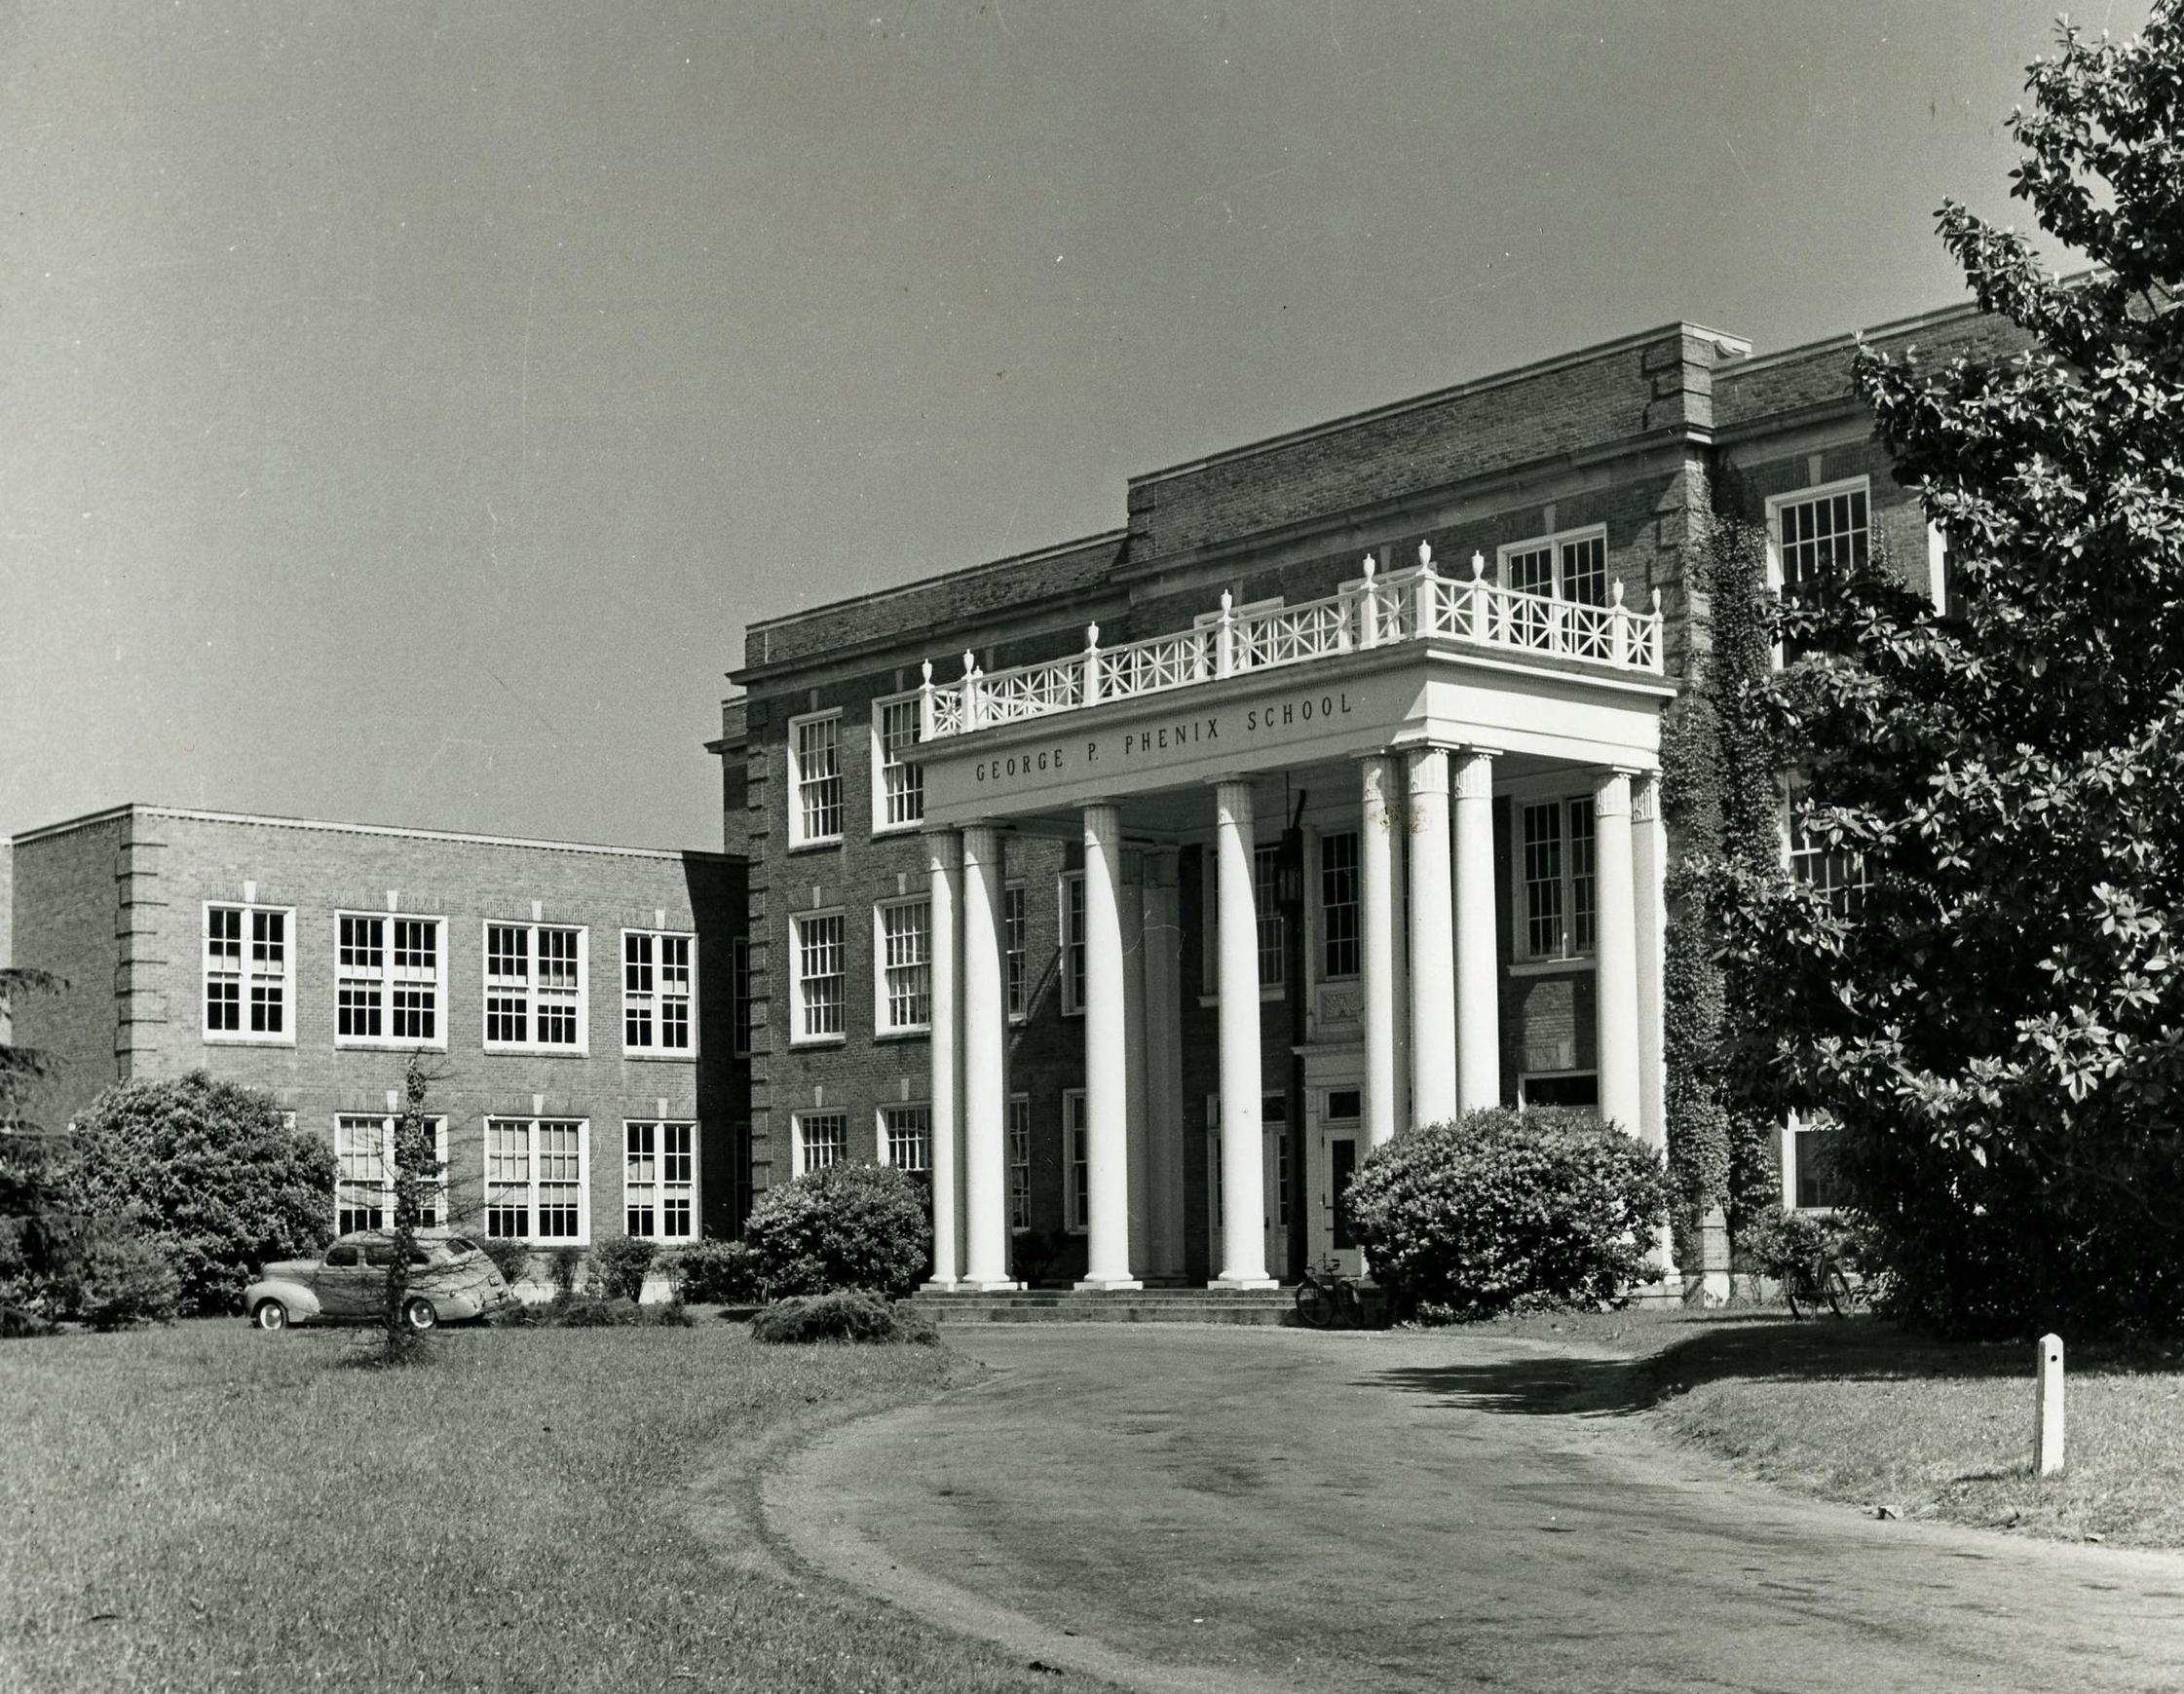 Phenix High School at the Hampton Institute